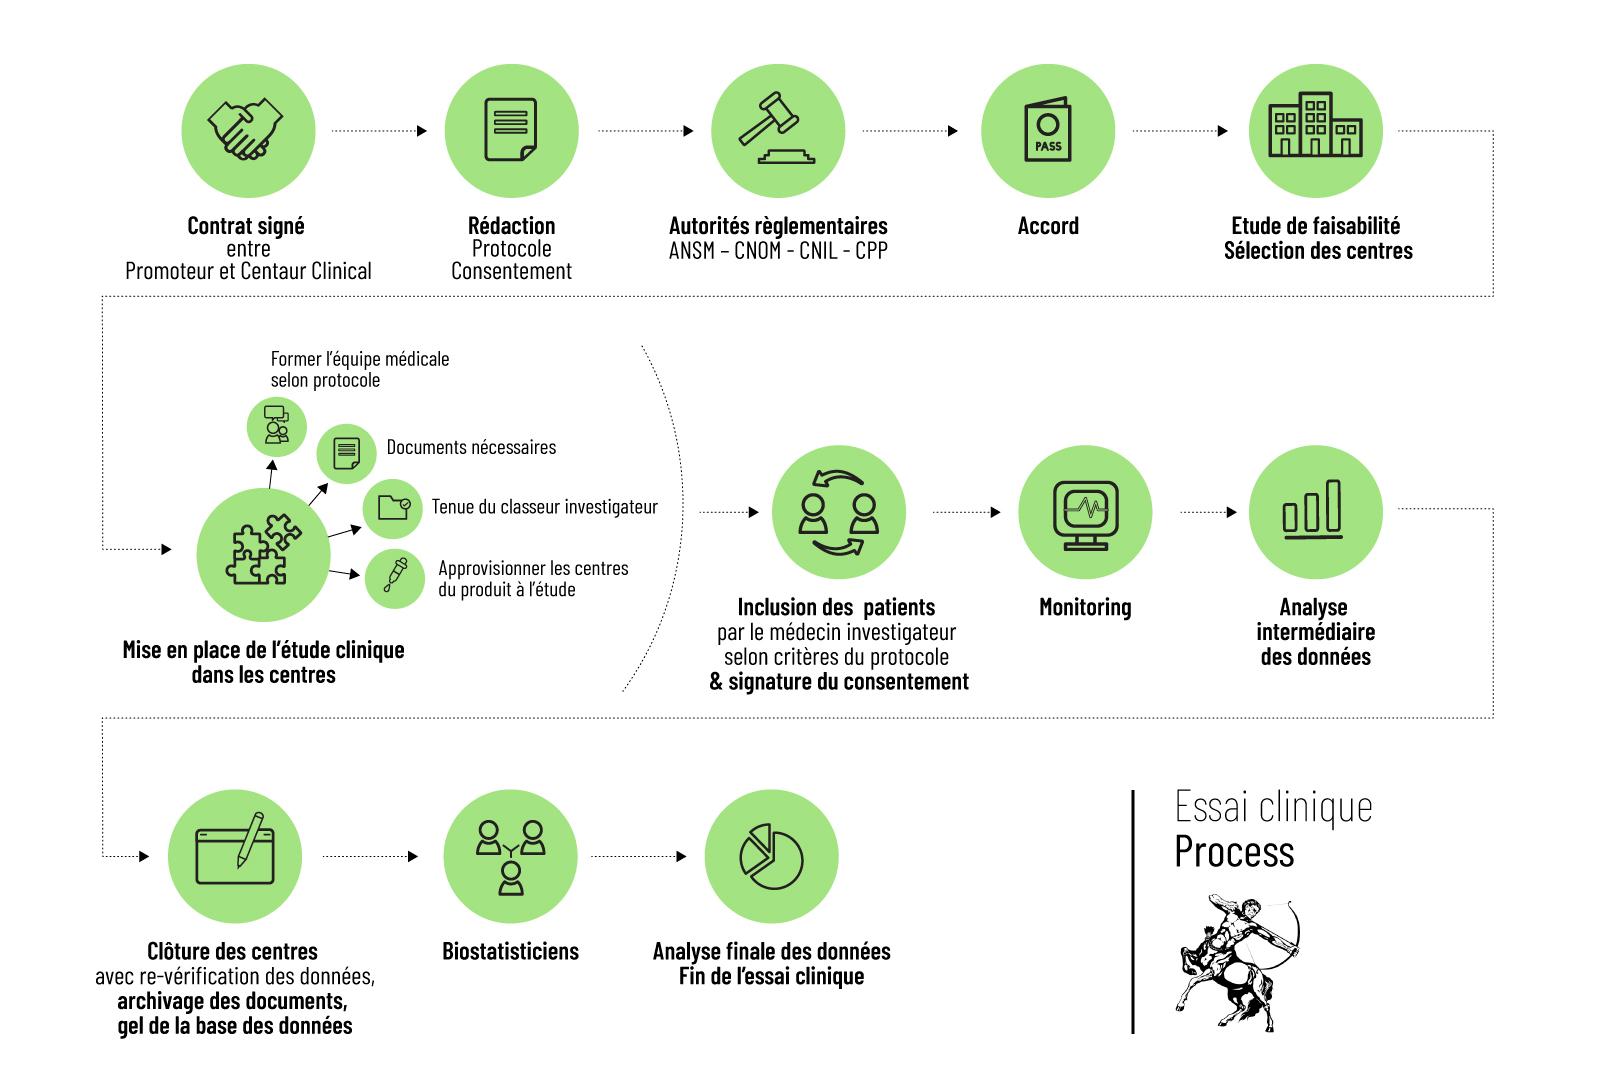 process_essai_clinique